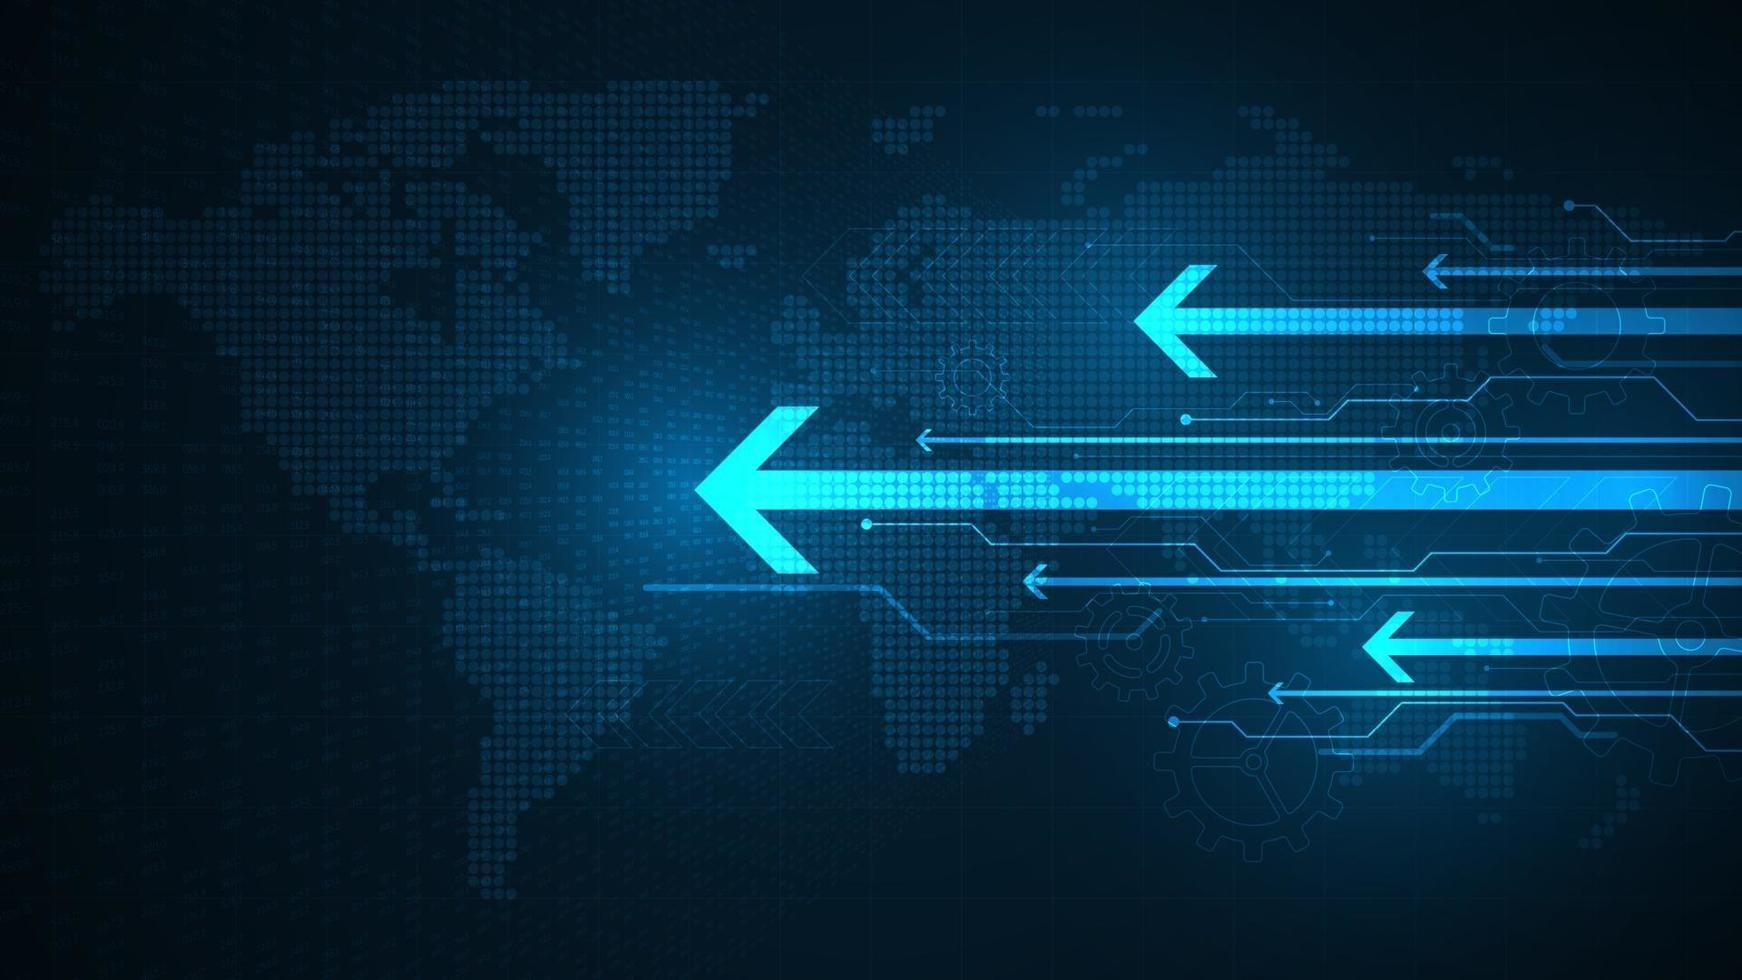 toegang tot grote hoeveelheden gegevens met hoge snelheden. vector